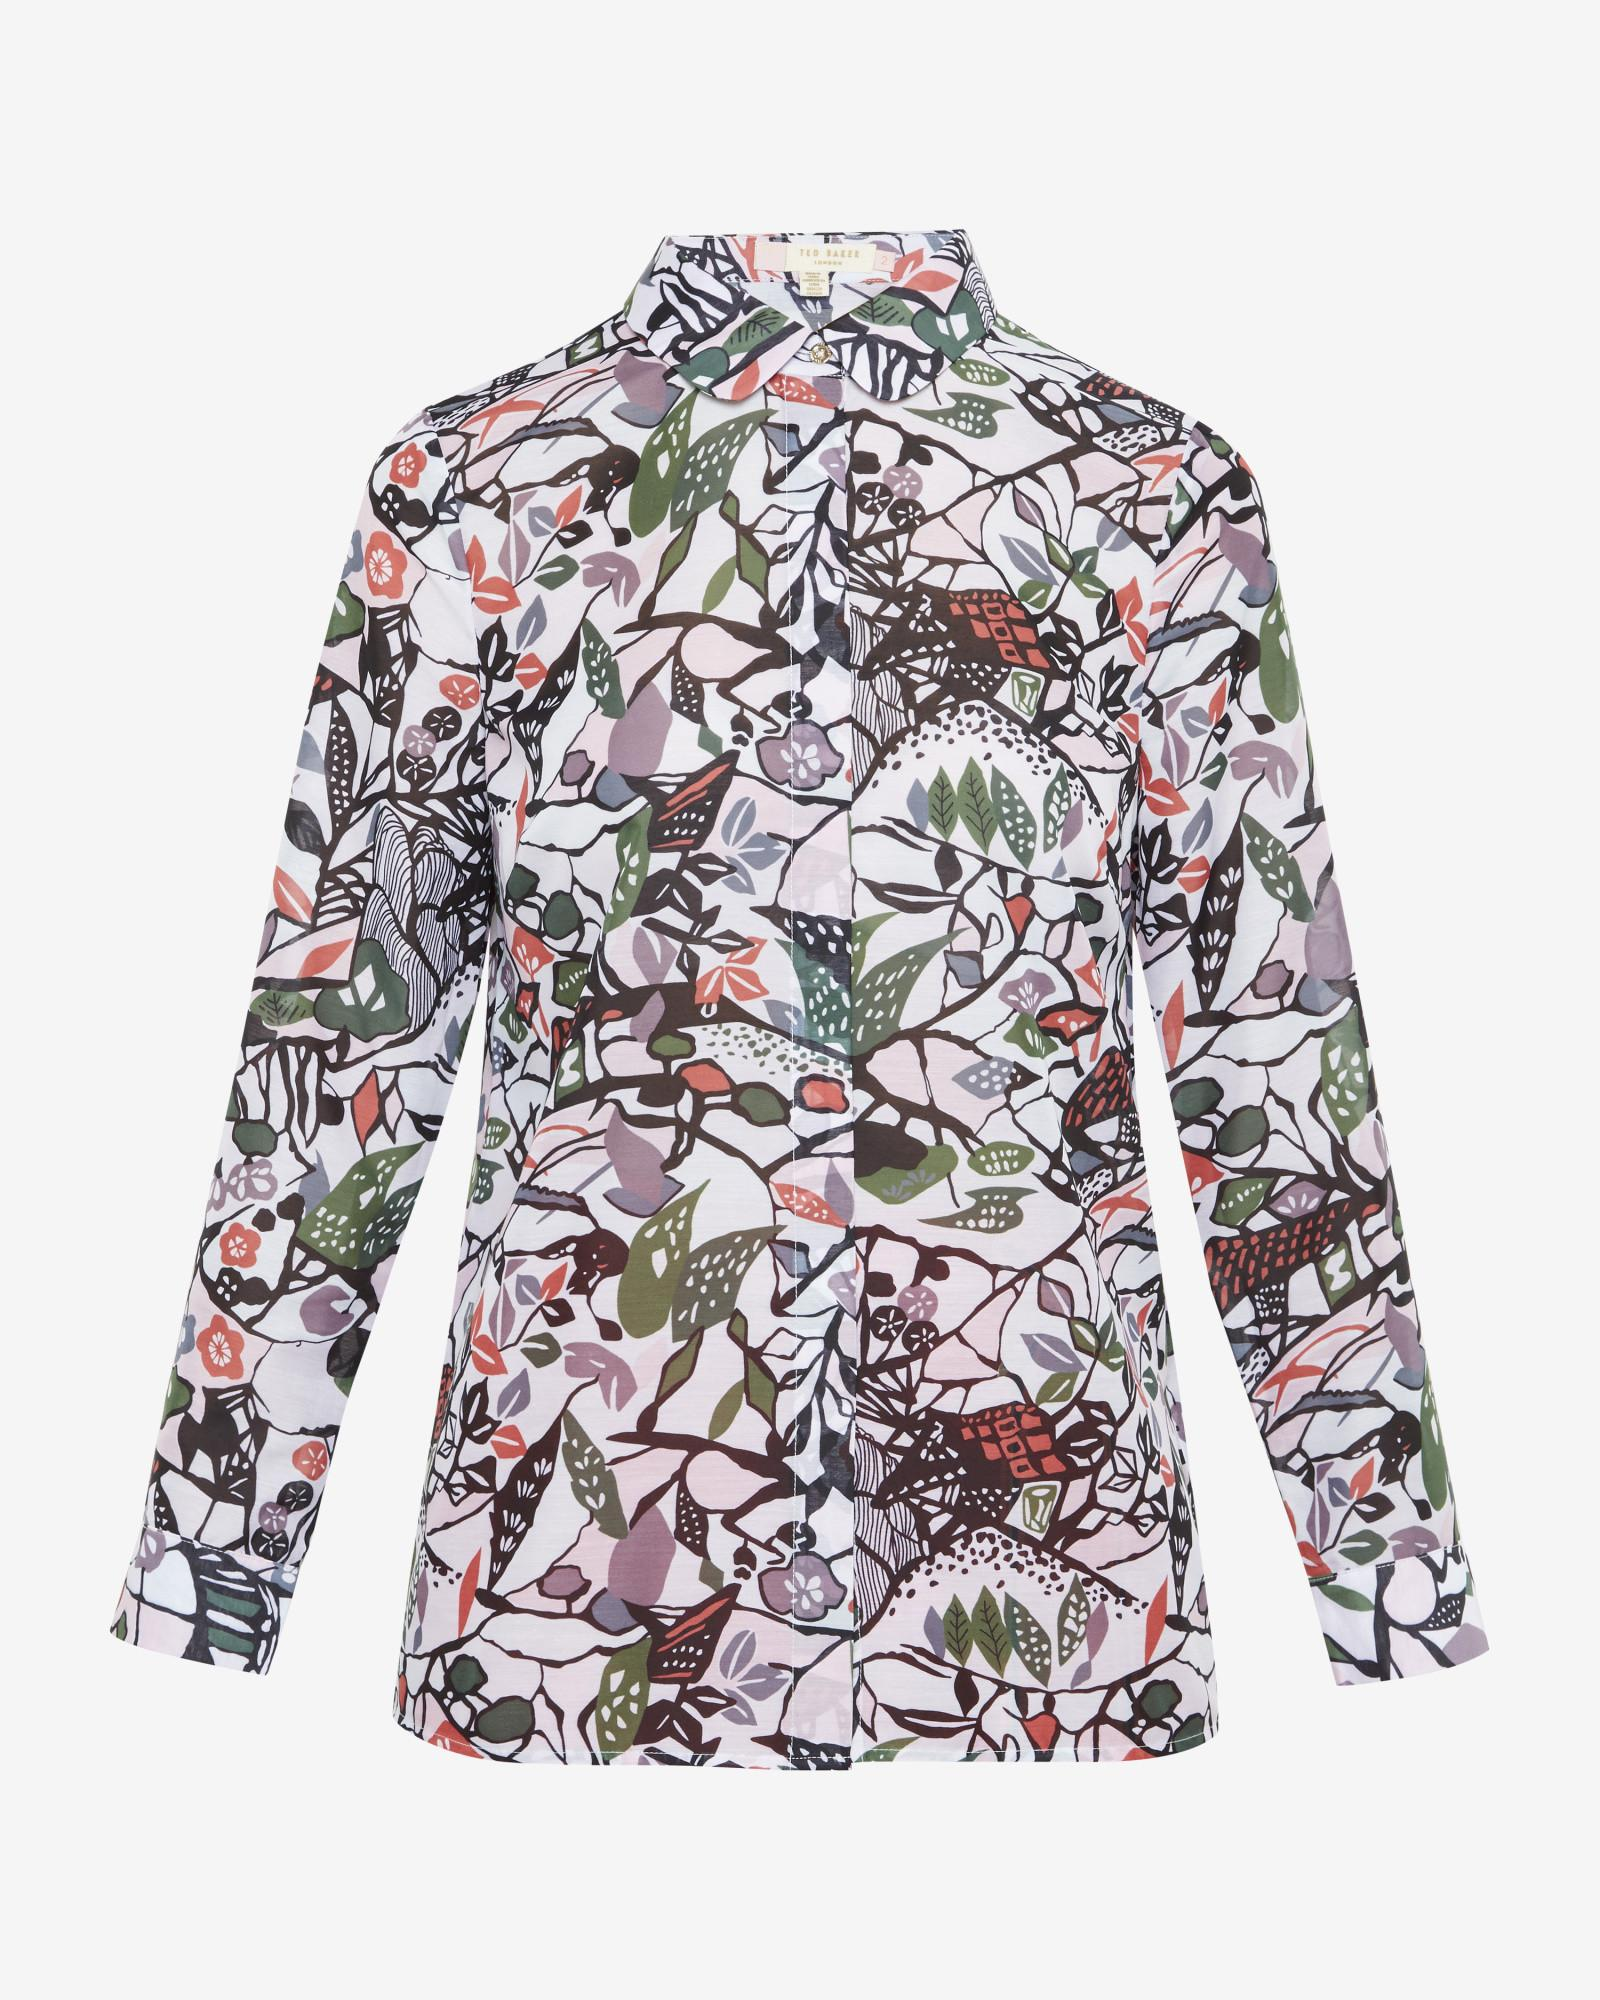 Ted baker peter pan collar floral print shirt in gray lyst for Ted baker floral print shirt